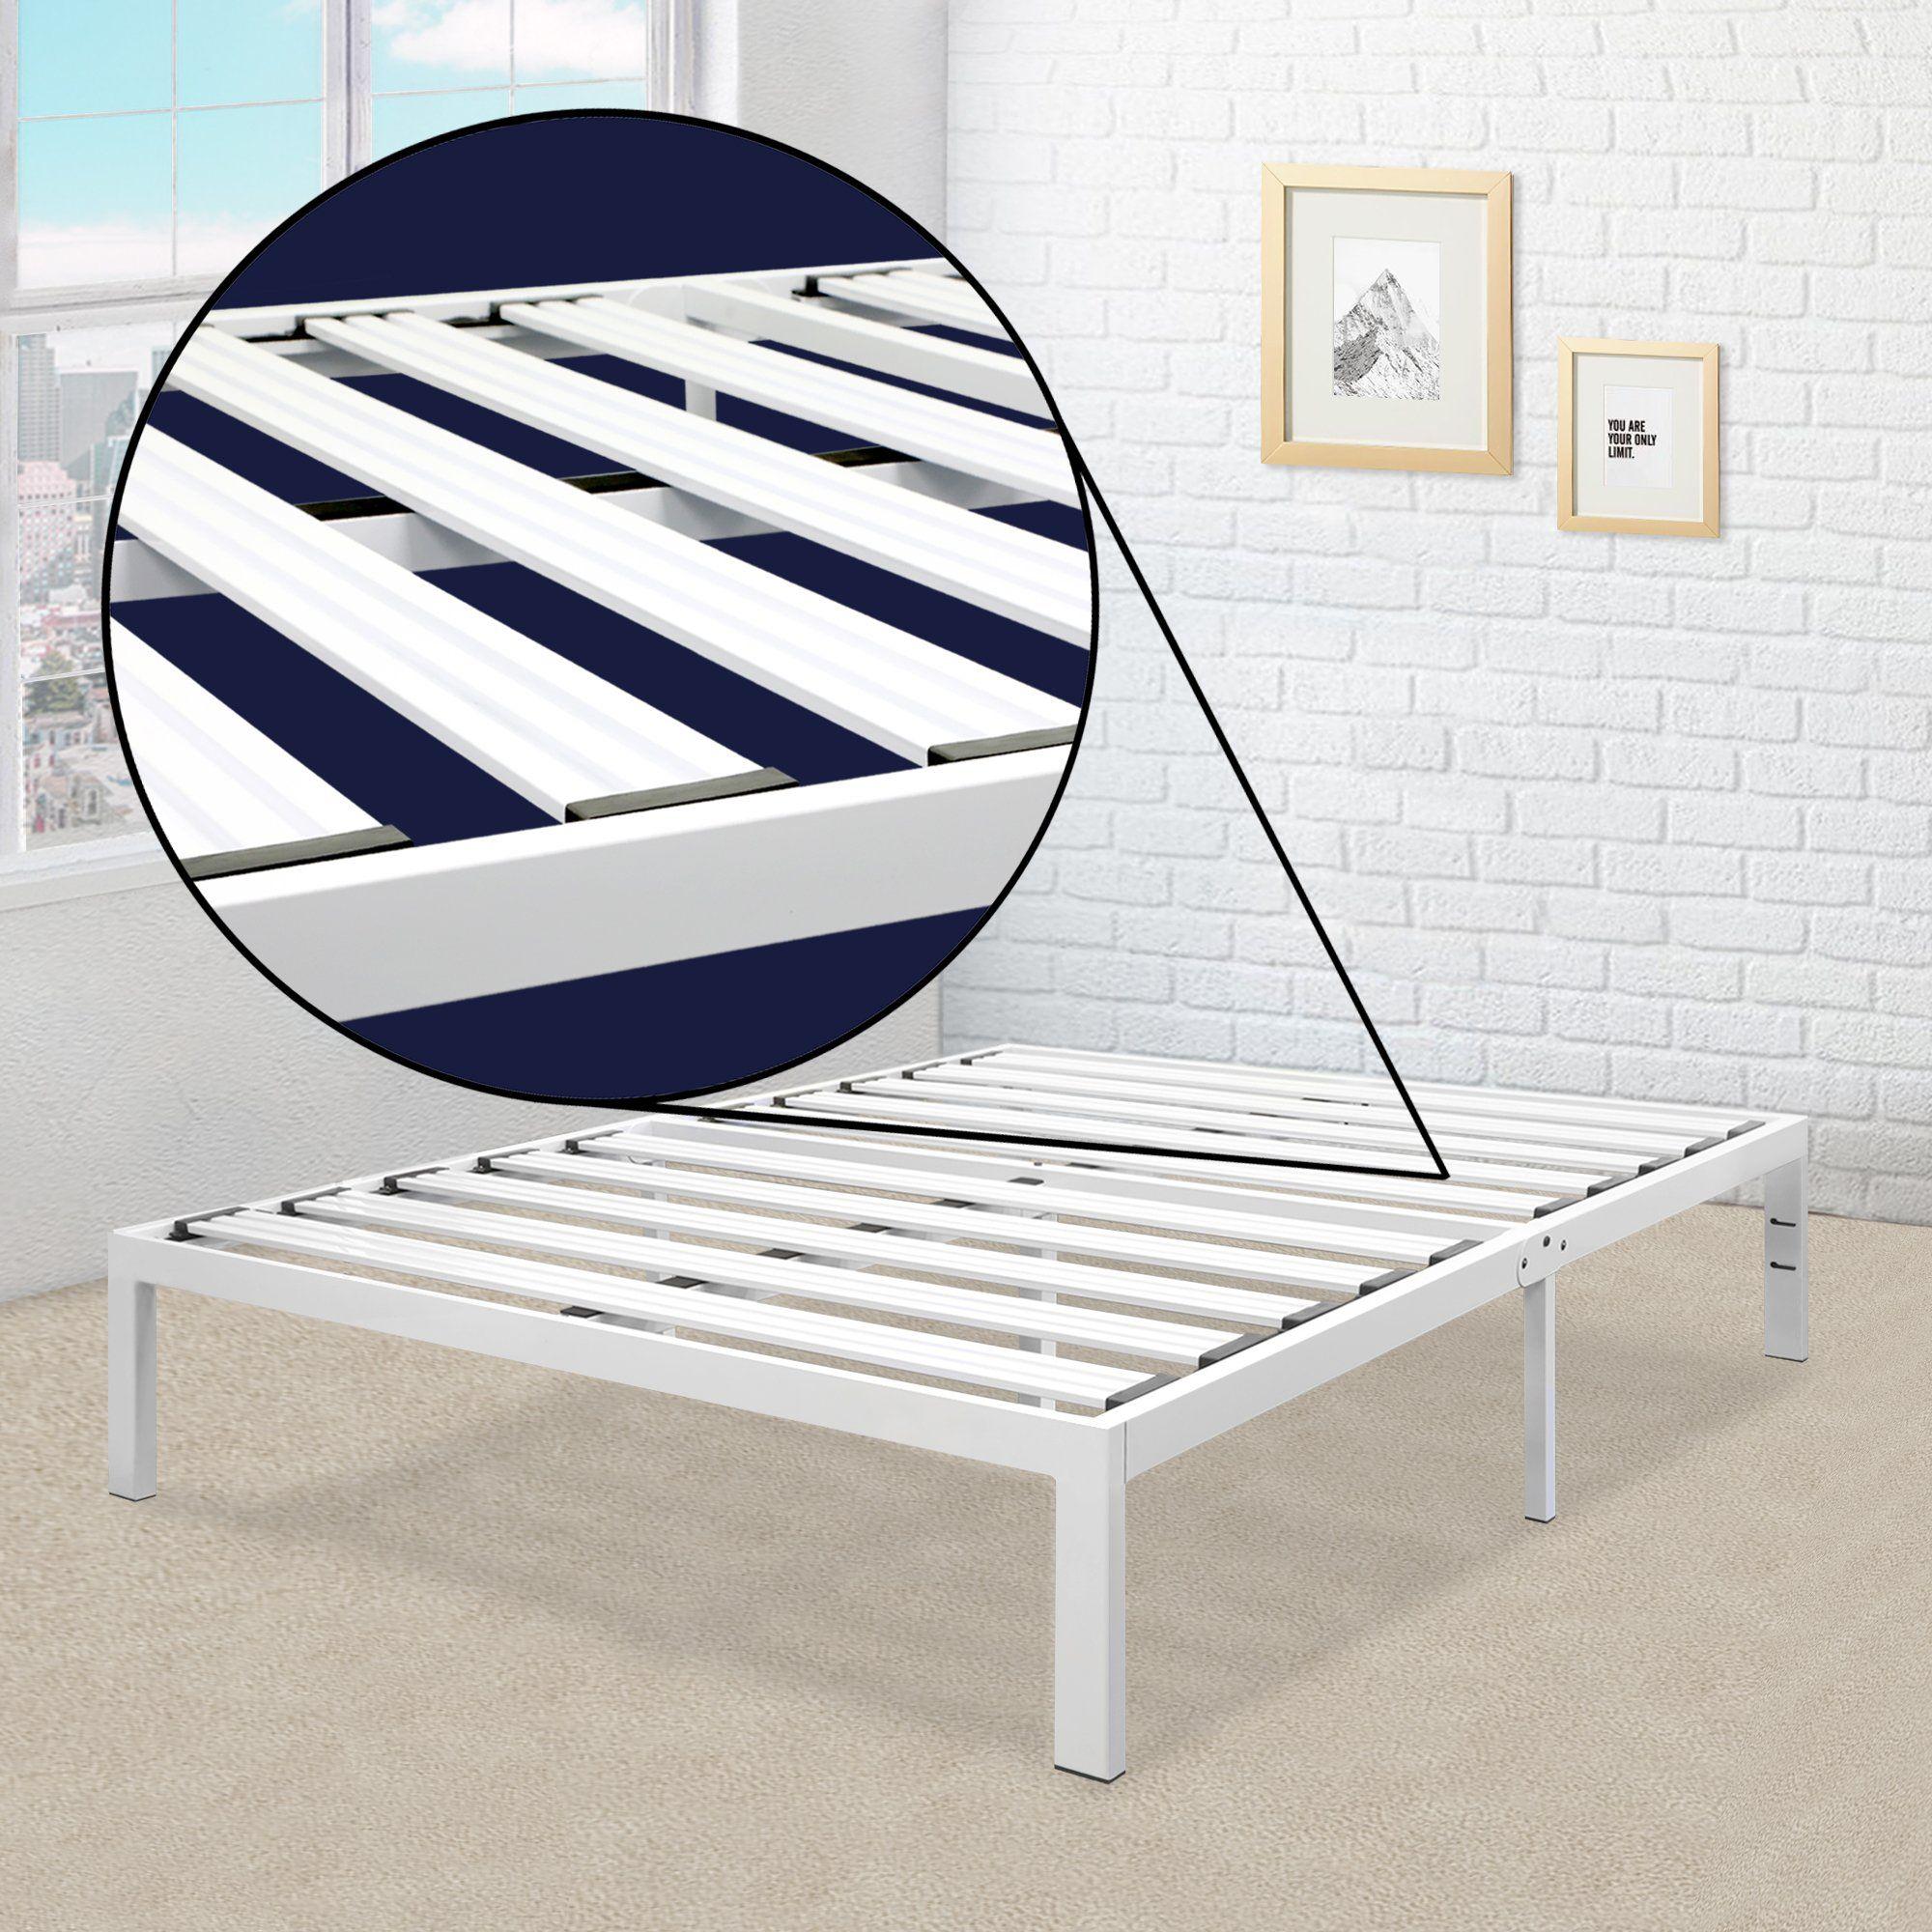 Best Price Mattress Model E Heavy Duty Steel Slat Platform Bed White ...